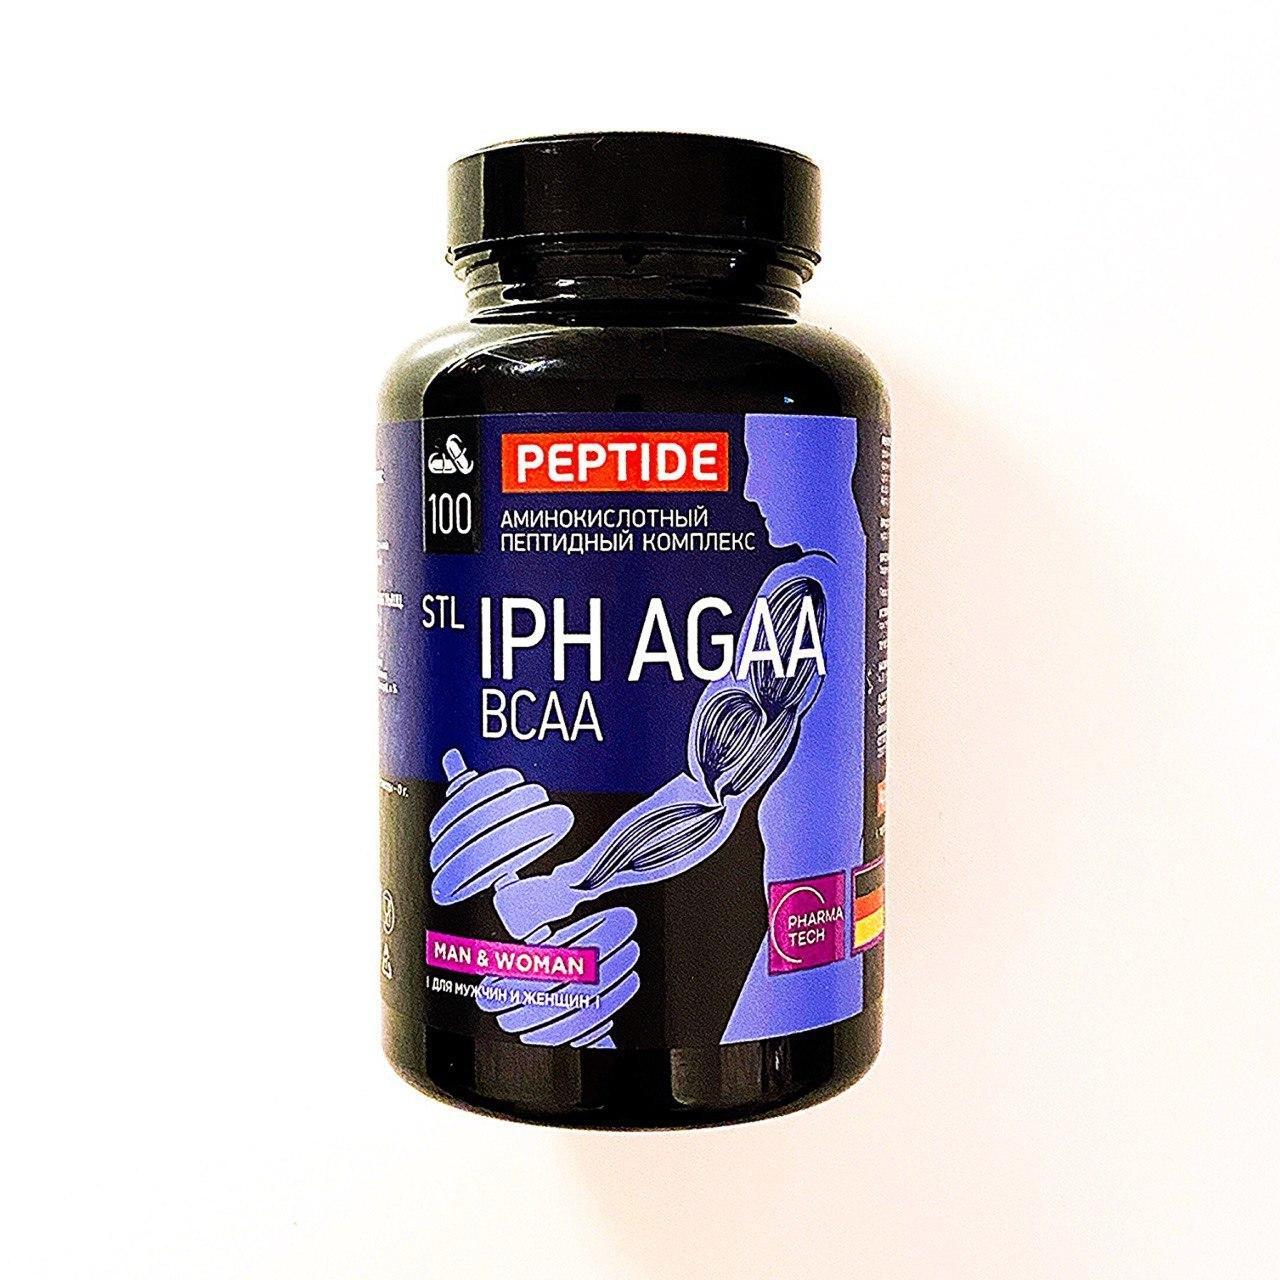 Аминокислотный пептидный комплекс IPH AGAA для мышц 10 700 ₸